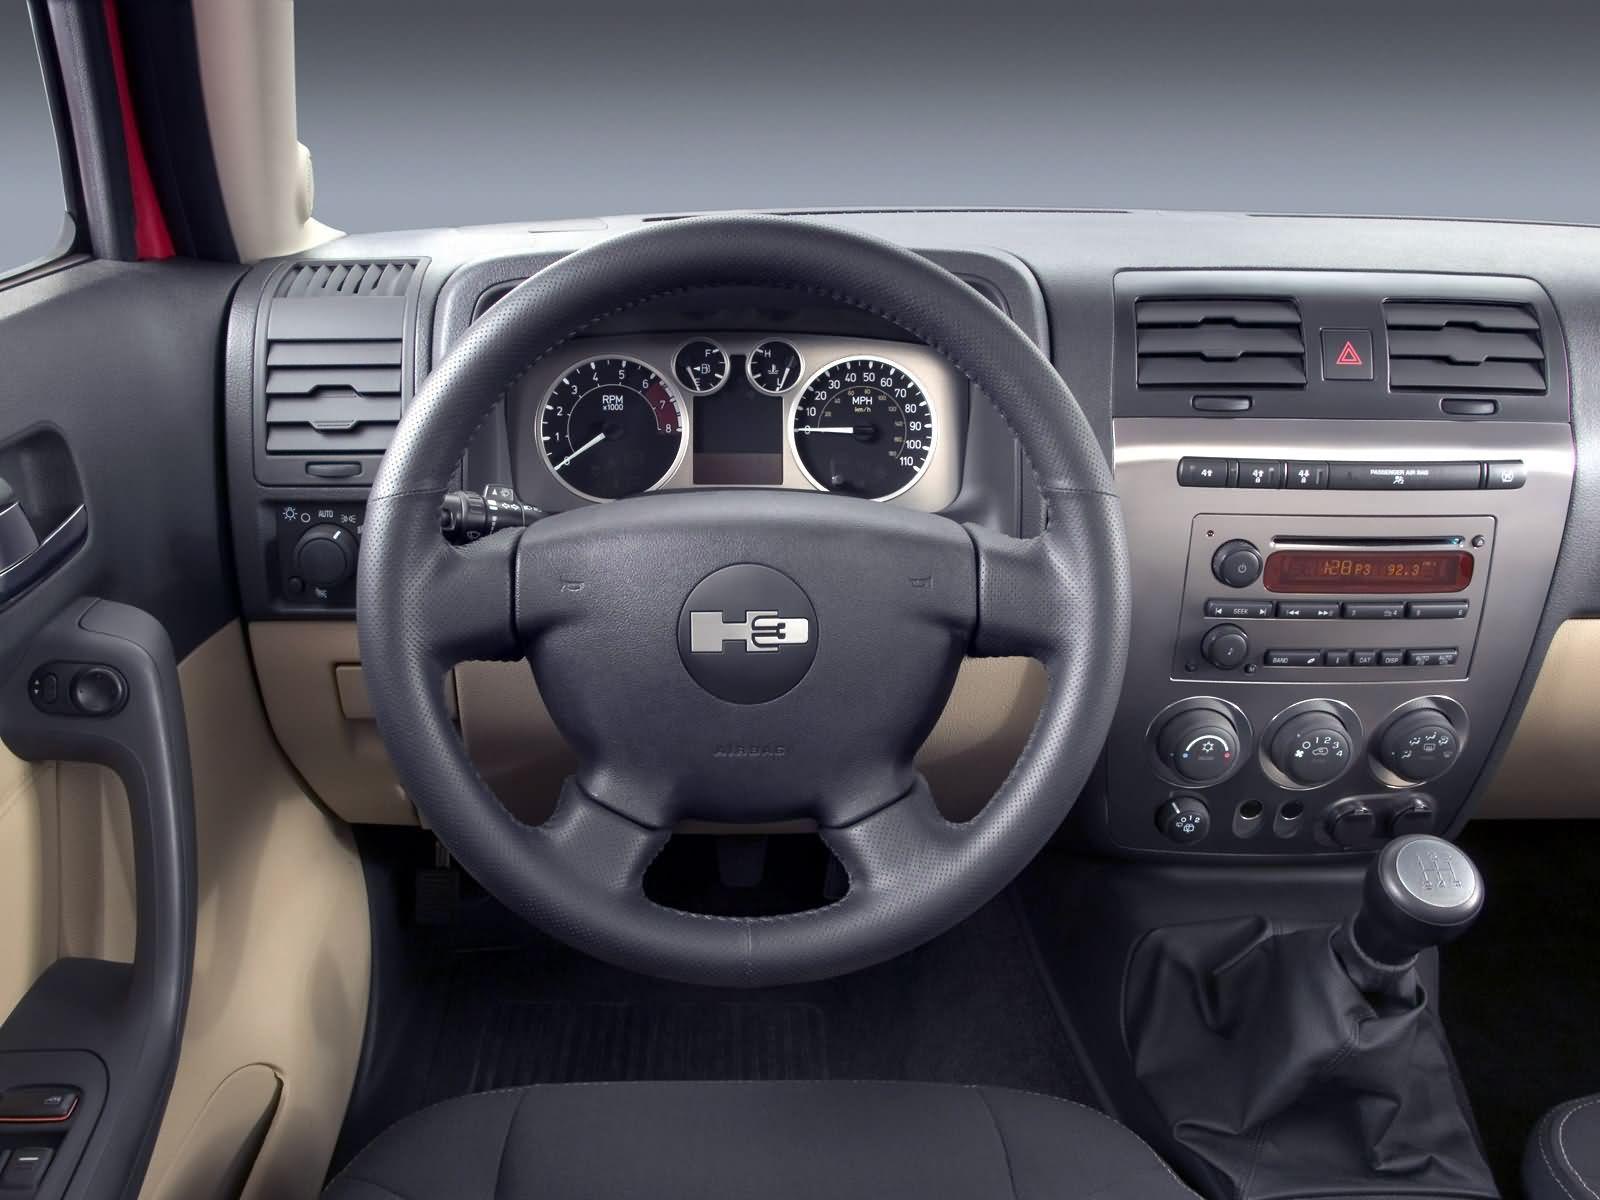 Hummer H3 interior Hummer H3, Suv Trucks, Luxury Suv, Car Interiors,  Shooting